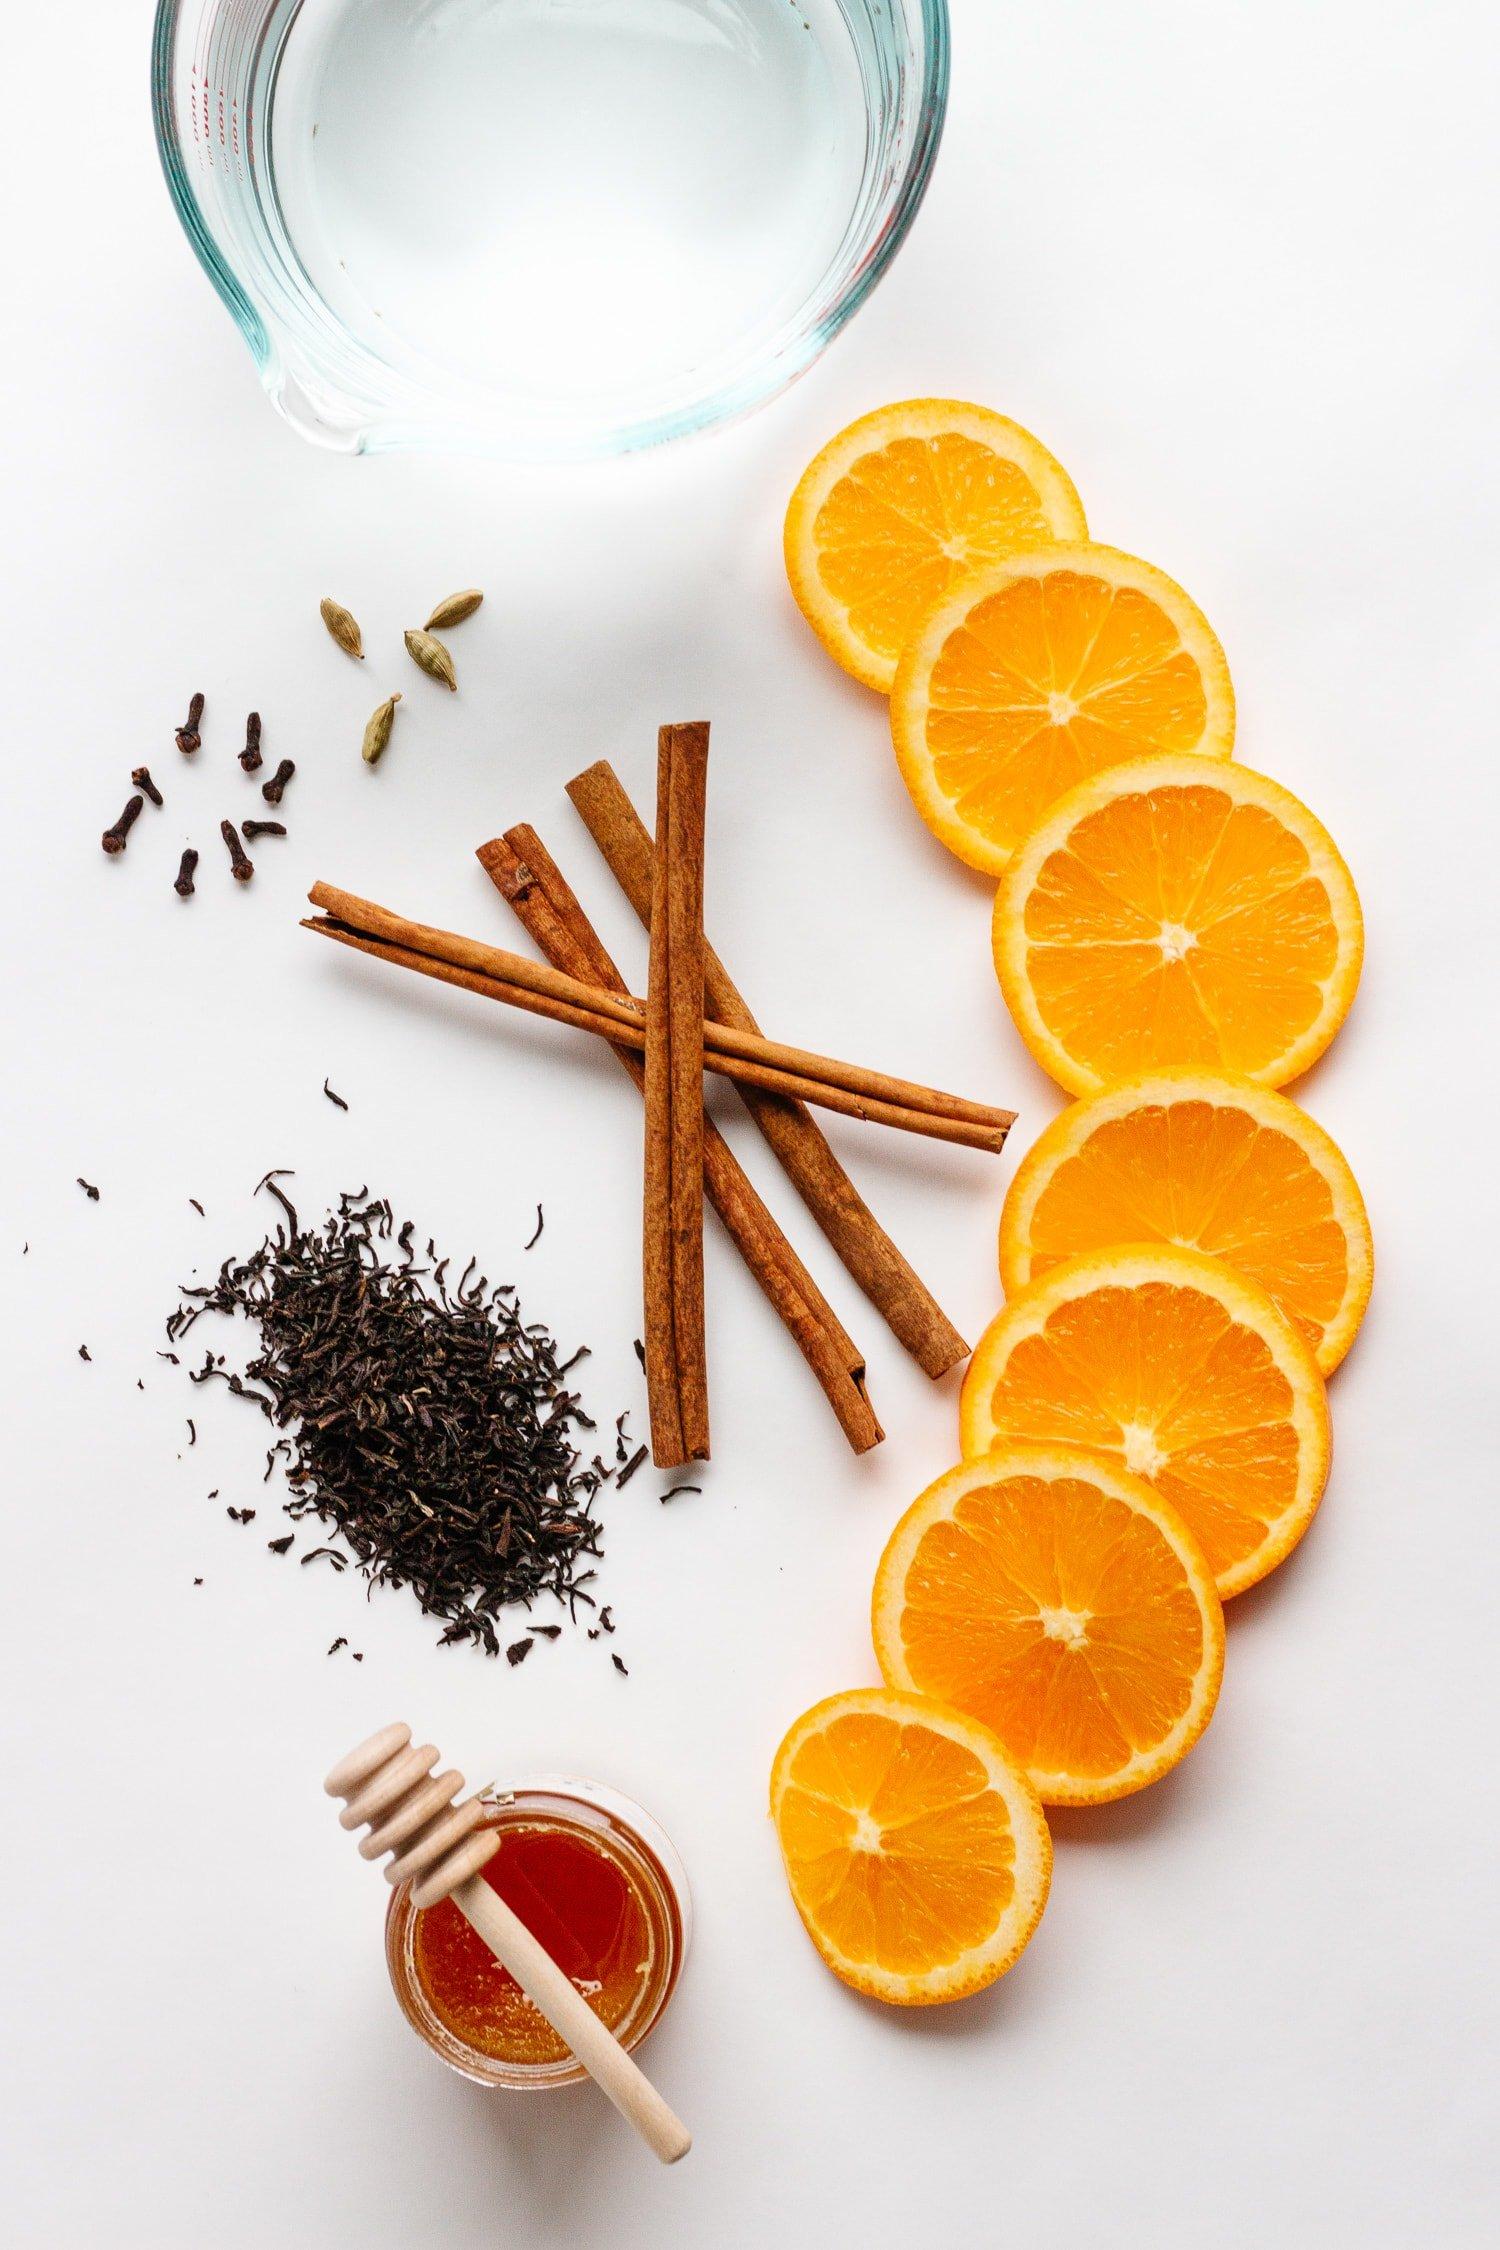 Overhead shot of ingredients for Orange Spice Mulled Tea: water, loose leaf black tea, orange slices, cinnamon sticks, cardamom pods, cloves